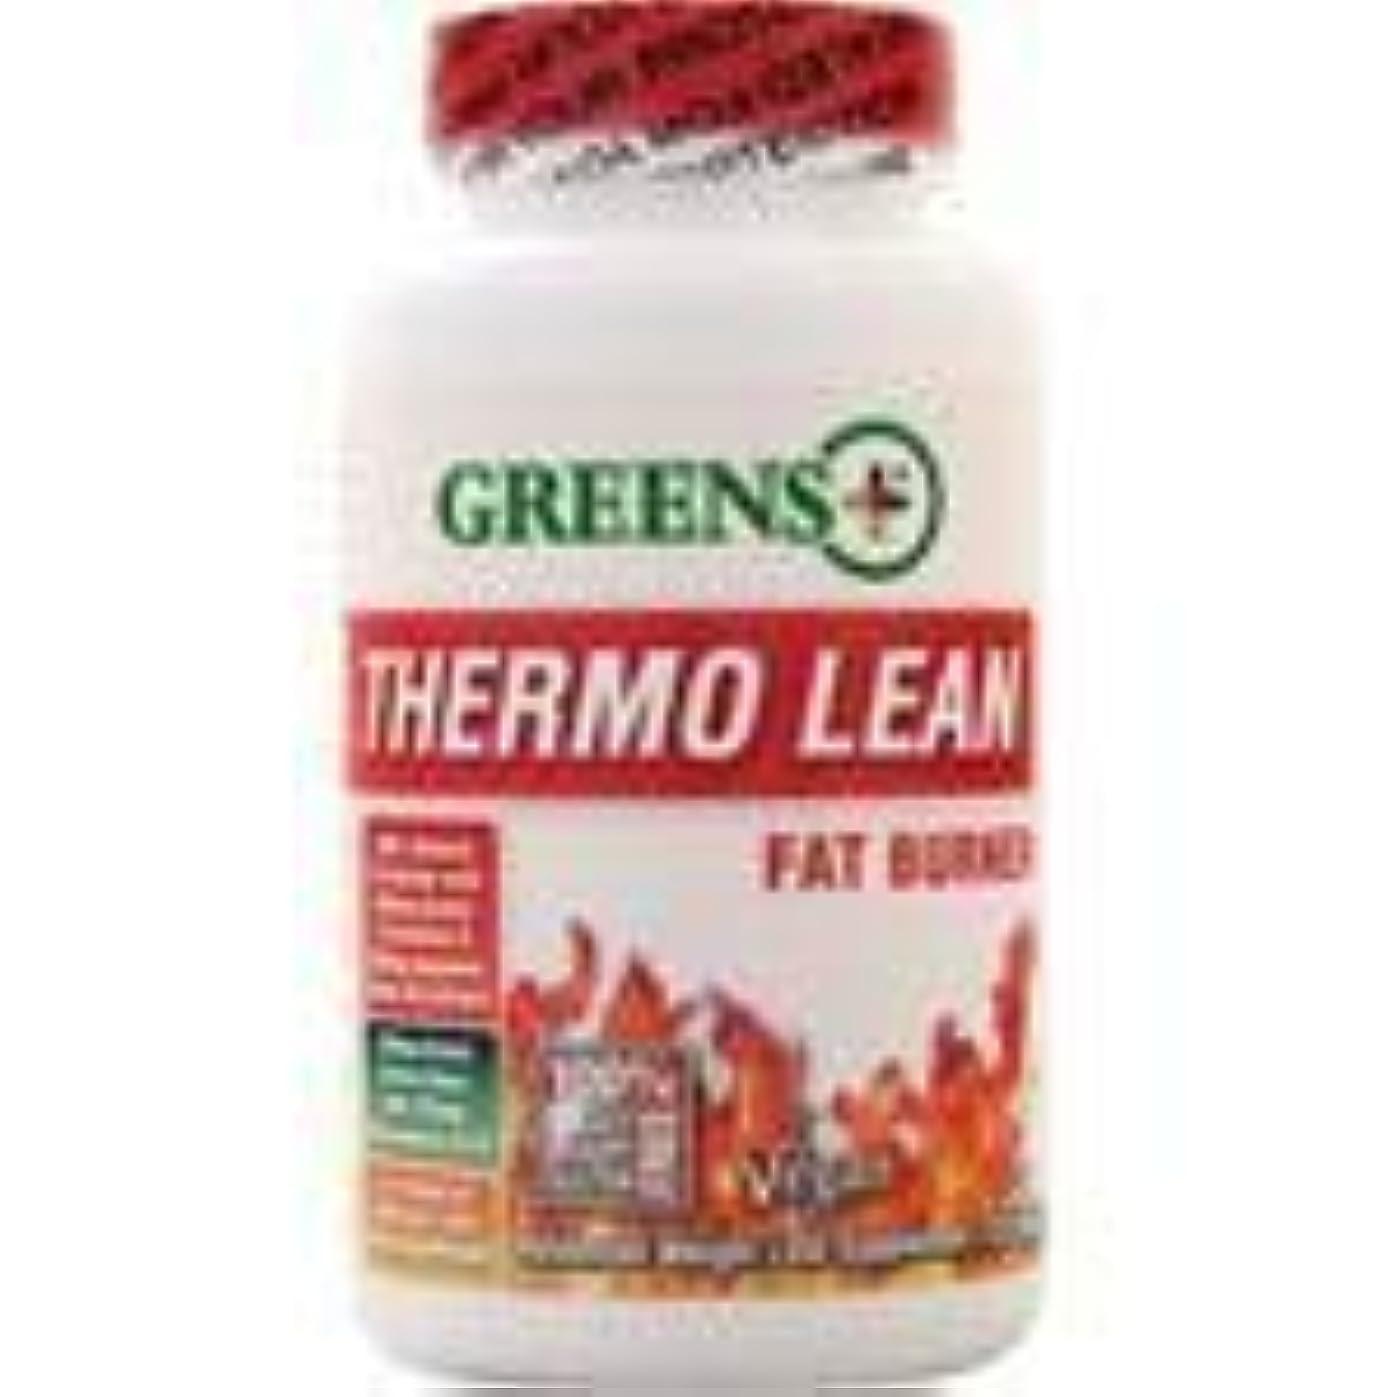 モードリン事業内容月曜日Thermo Lean Fat Burner 120 vcaps